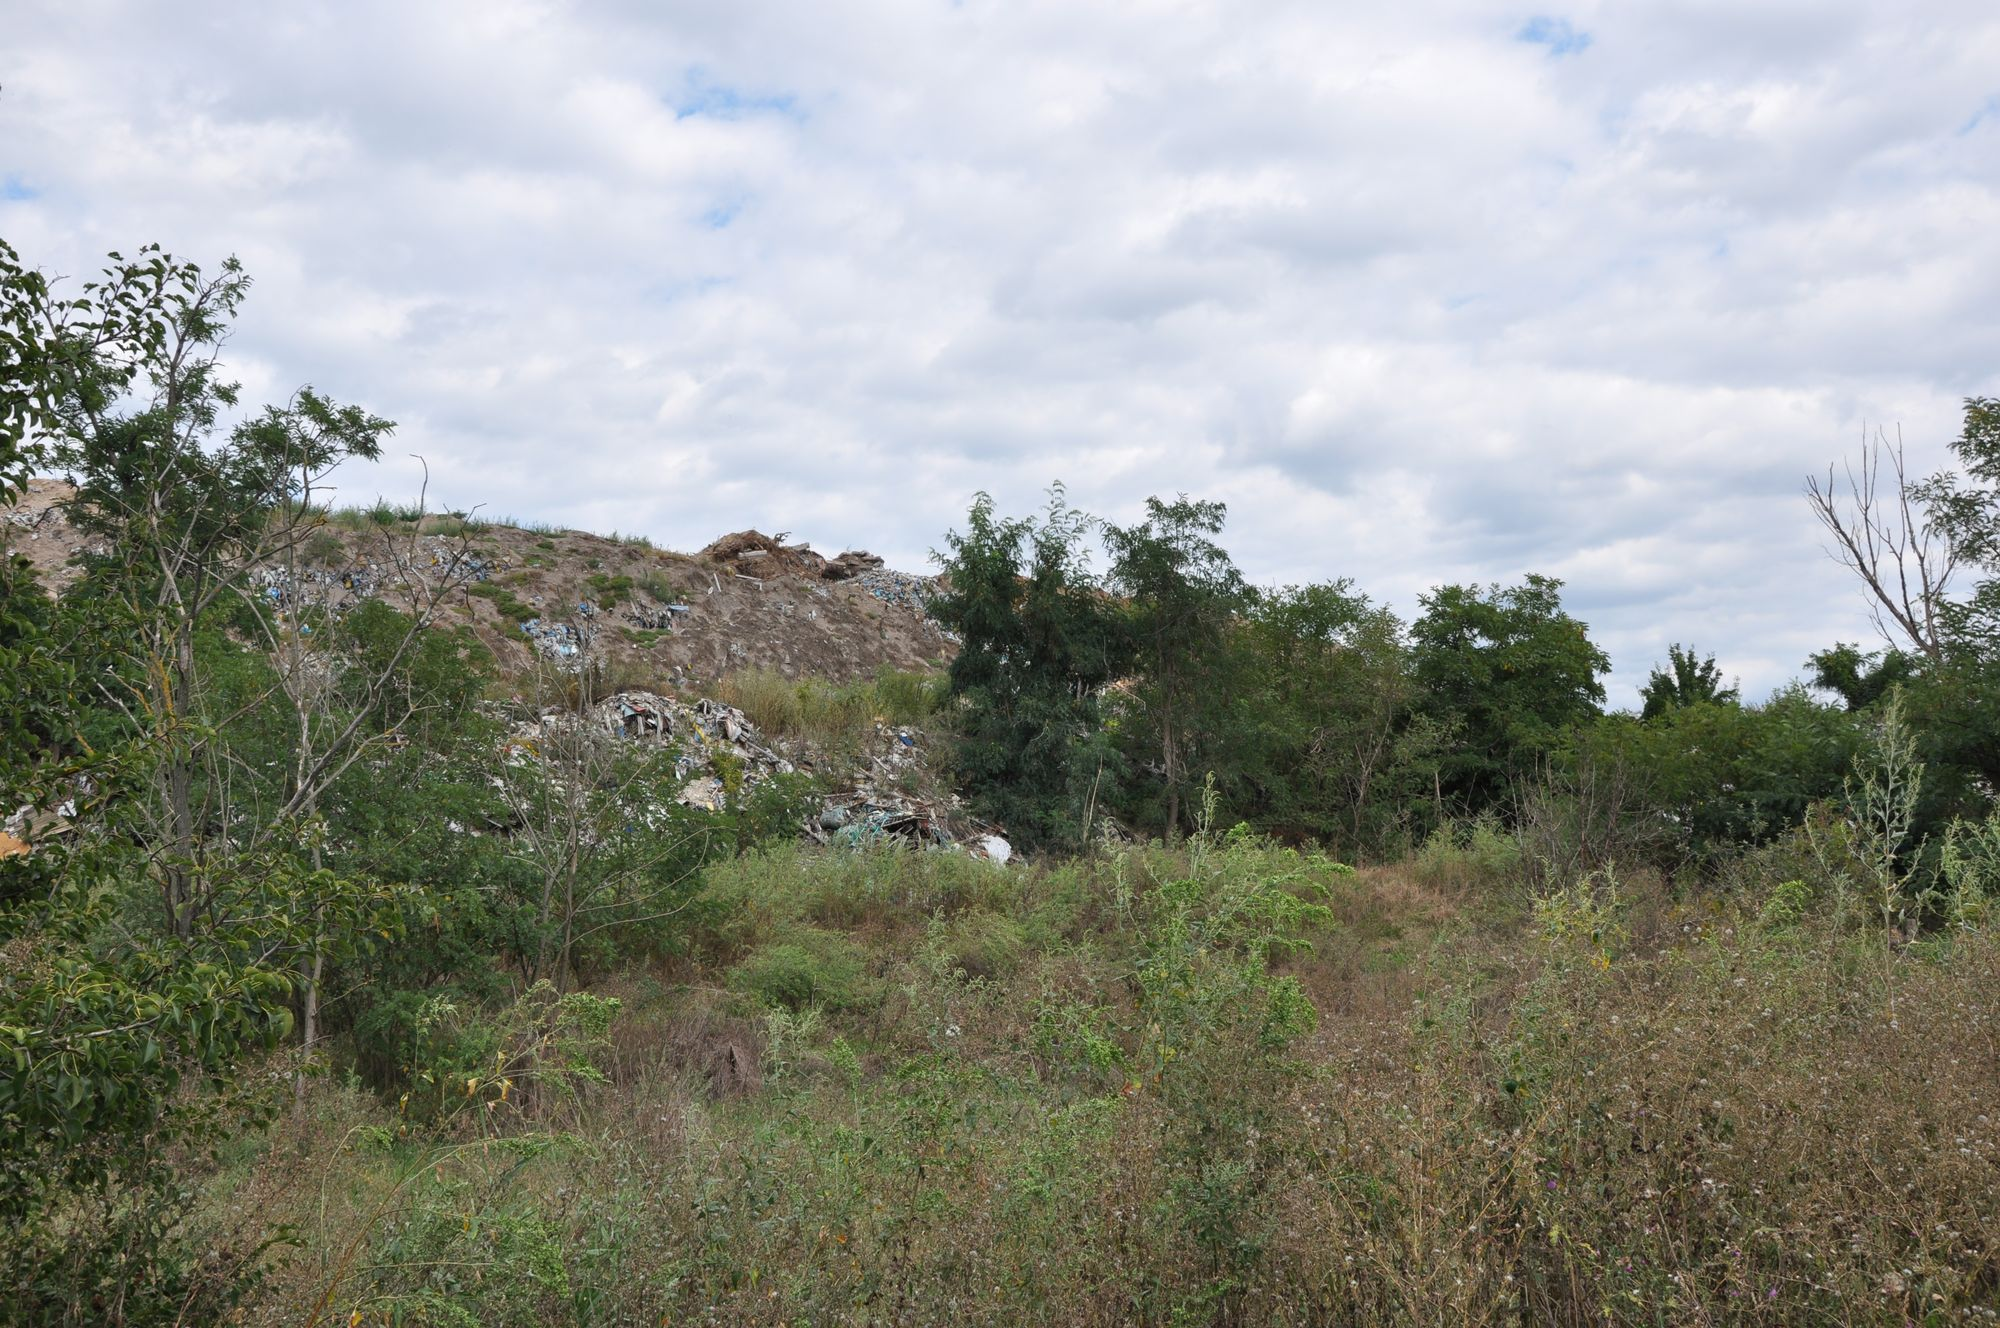 У Городнянському районі наймасштабніше сміттєзвалище Чернігівщини (Фото)